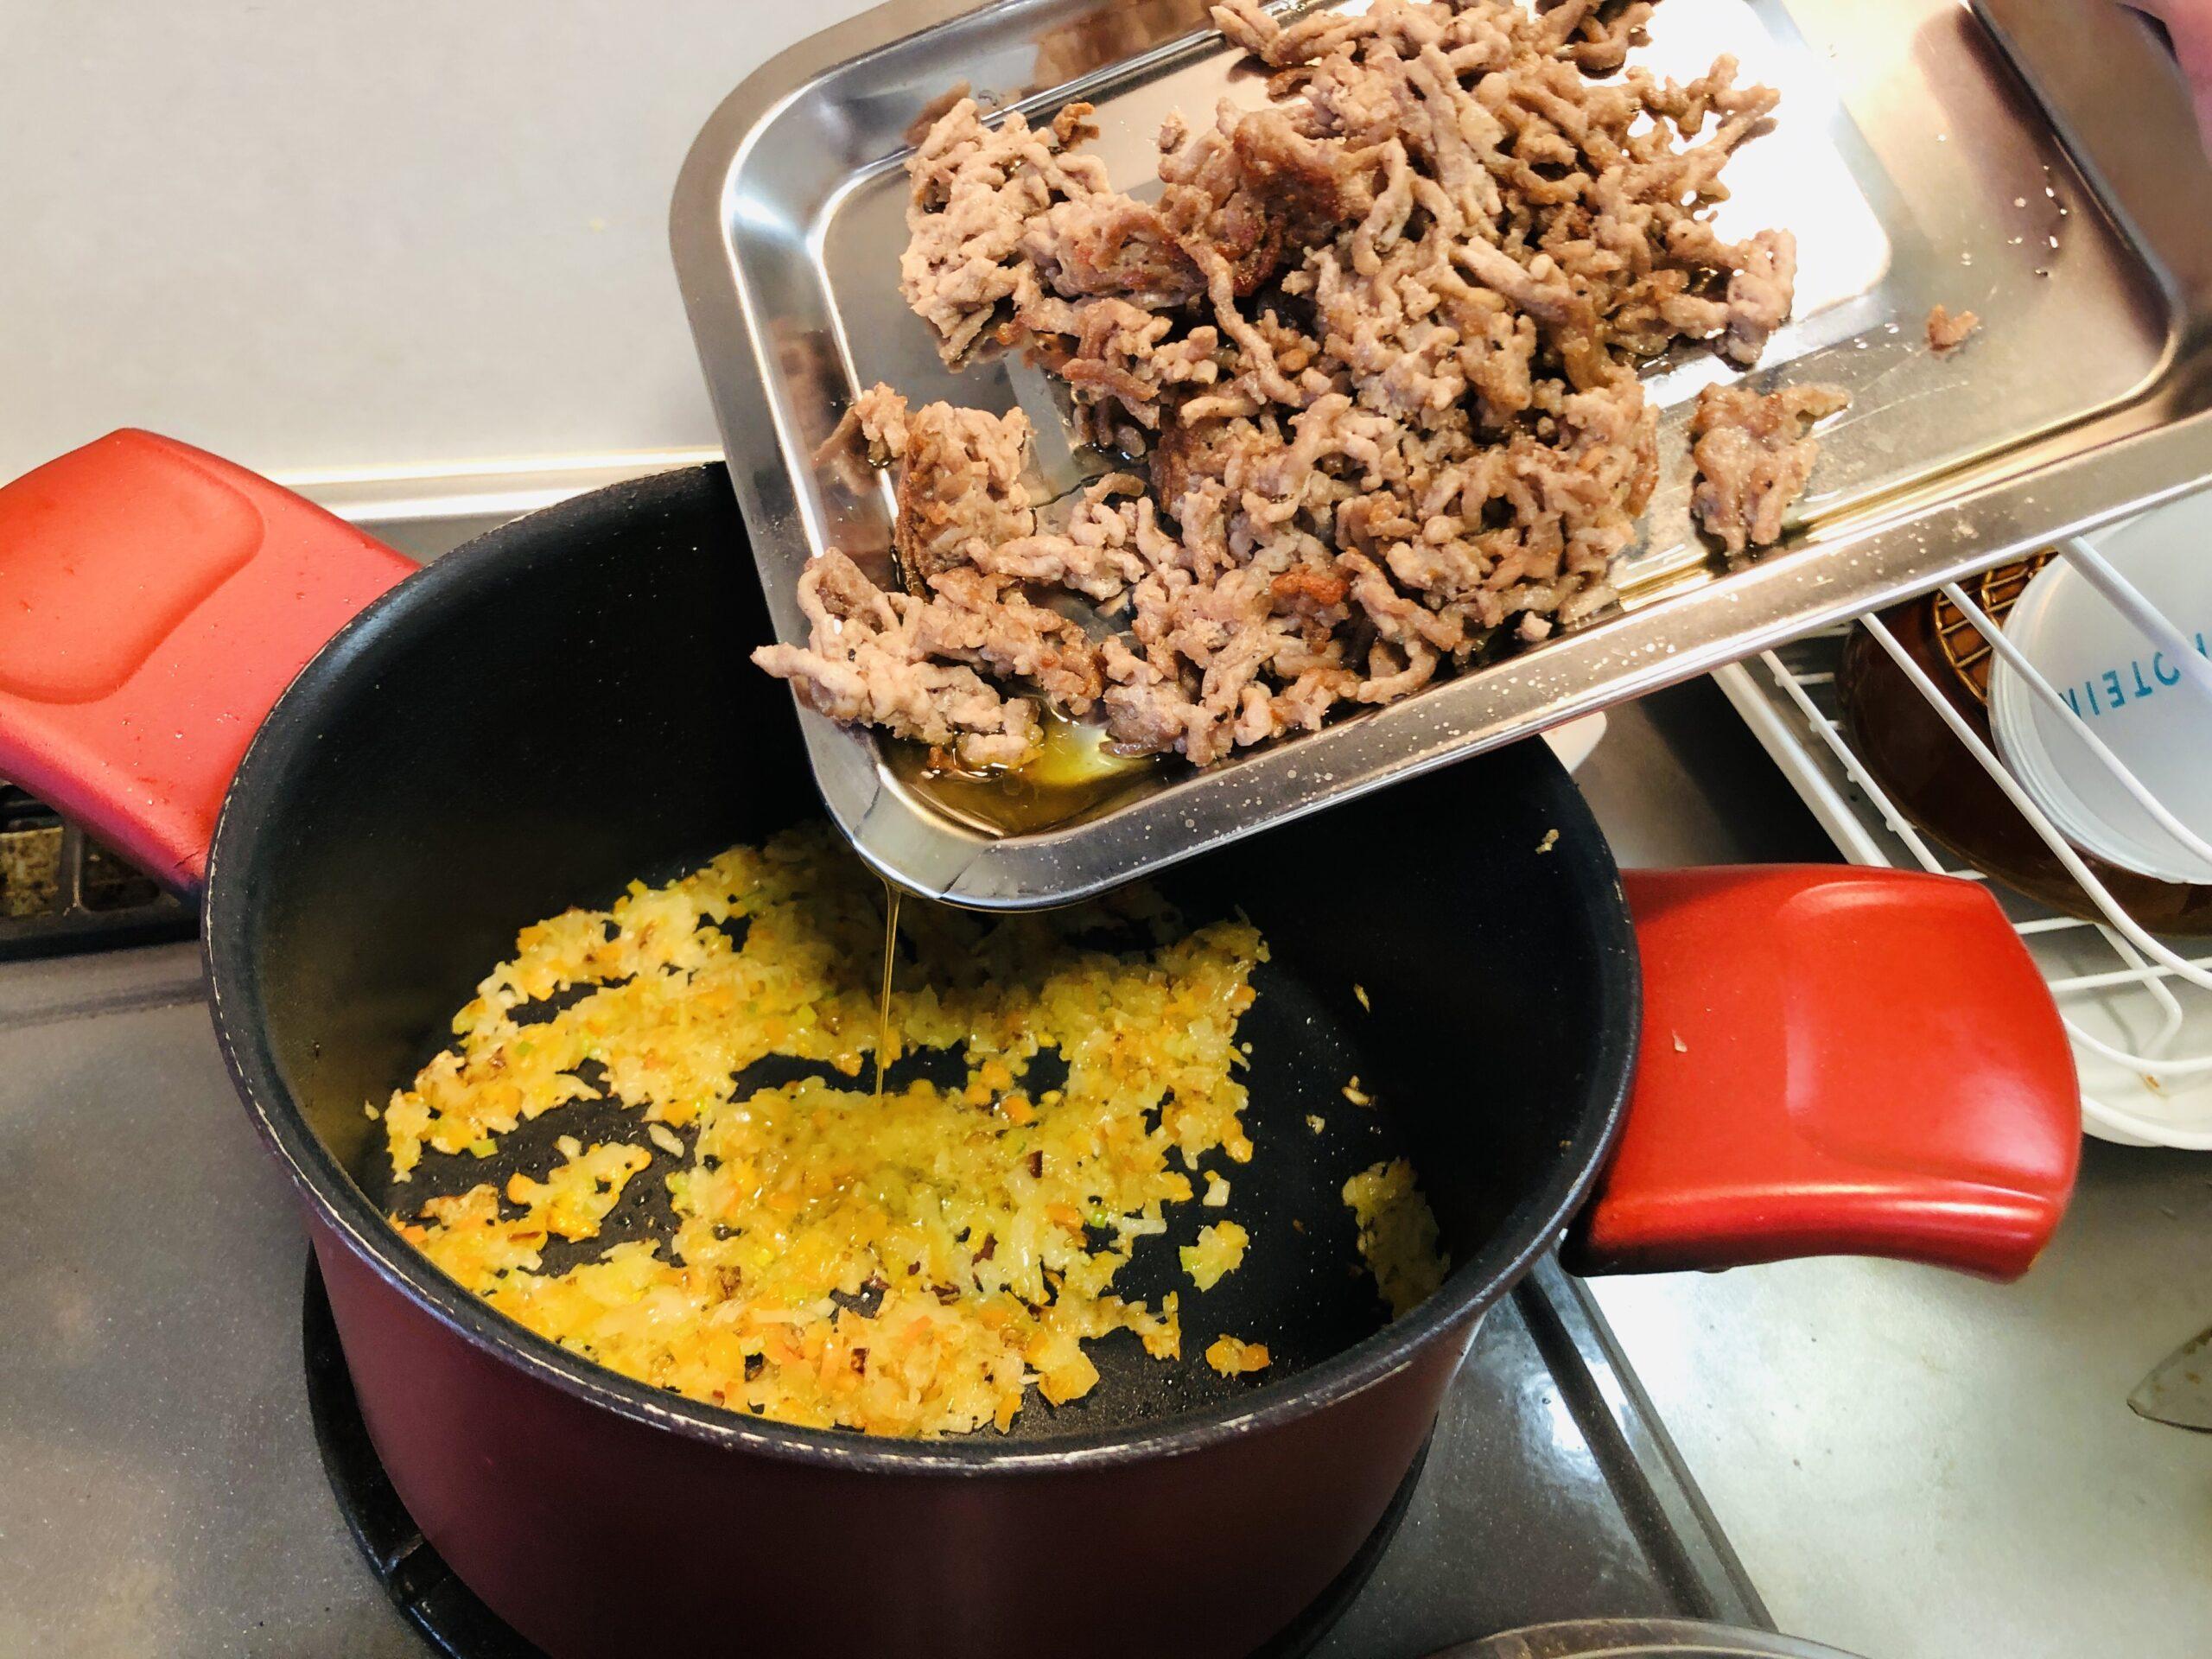 玉葱人参セロリのみじん切りを炒めている鍋にミンチ肉を戻す様子の画像です